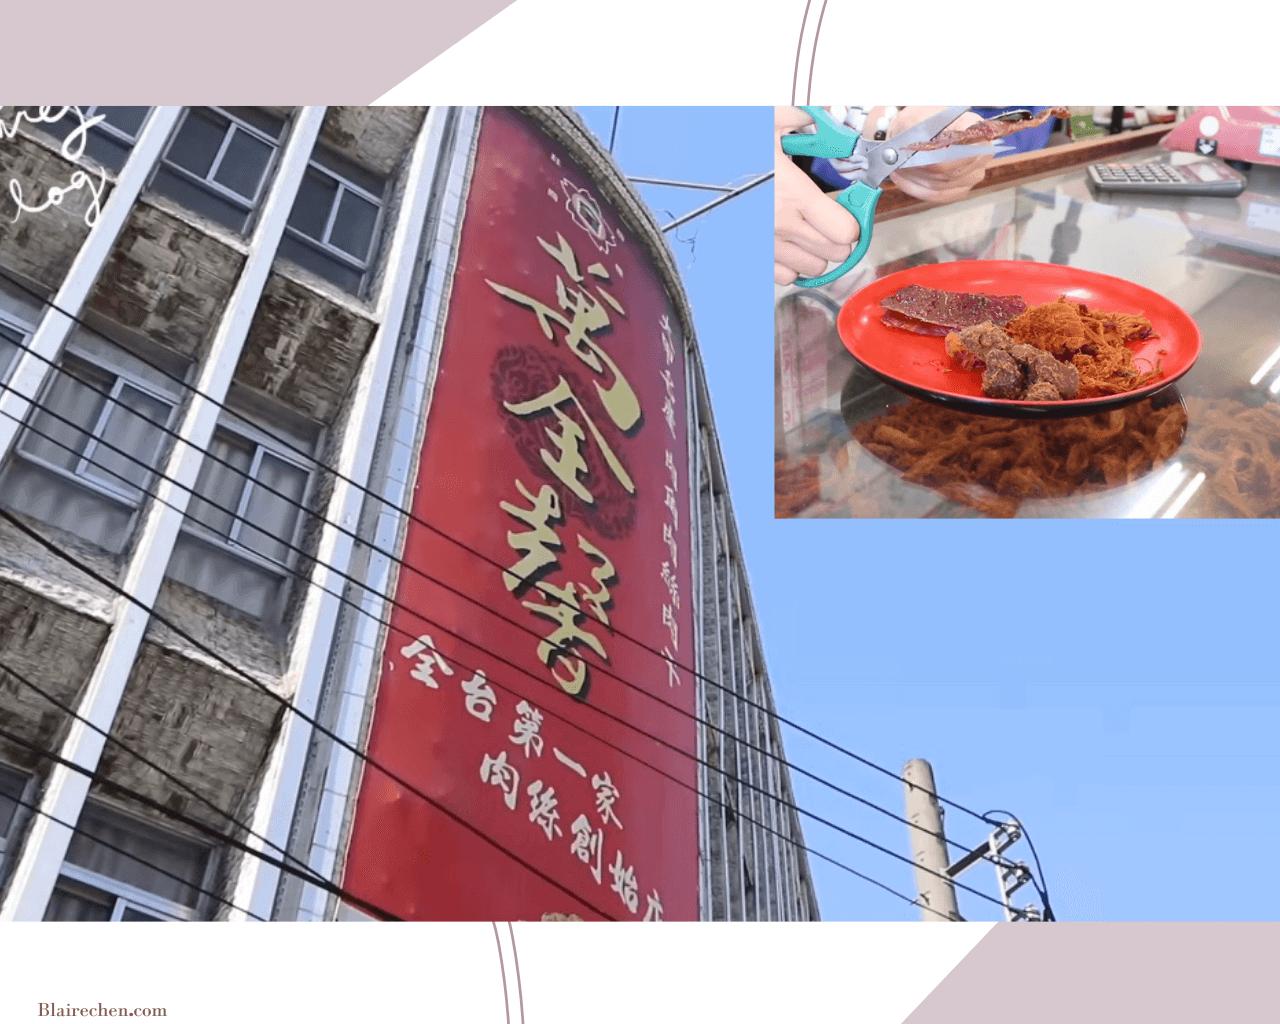 【跟我一起瘋國旅】|關於台中人的記憶,舊商圈重遊,嗨玩台中,來場叛逆的旅行!